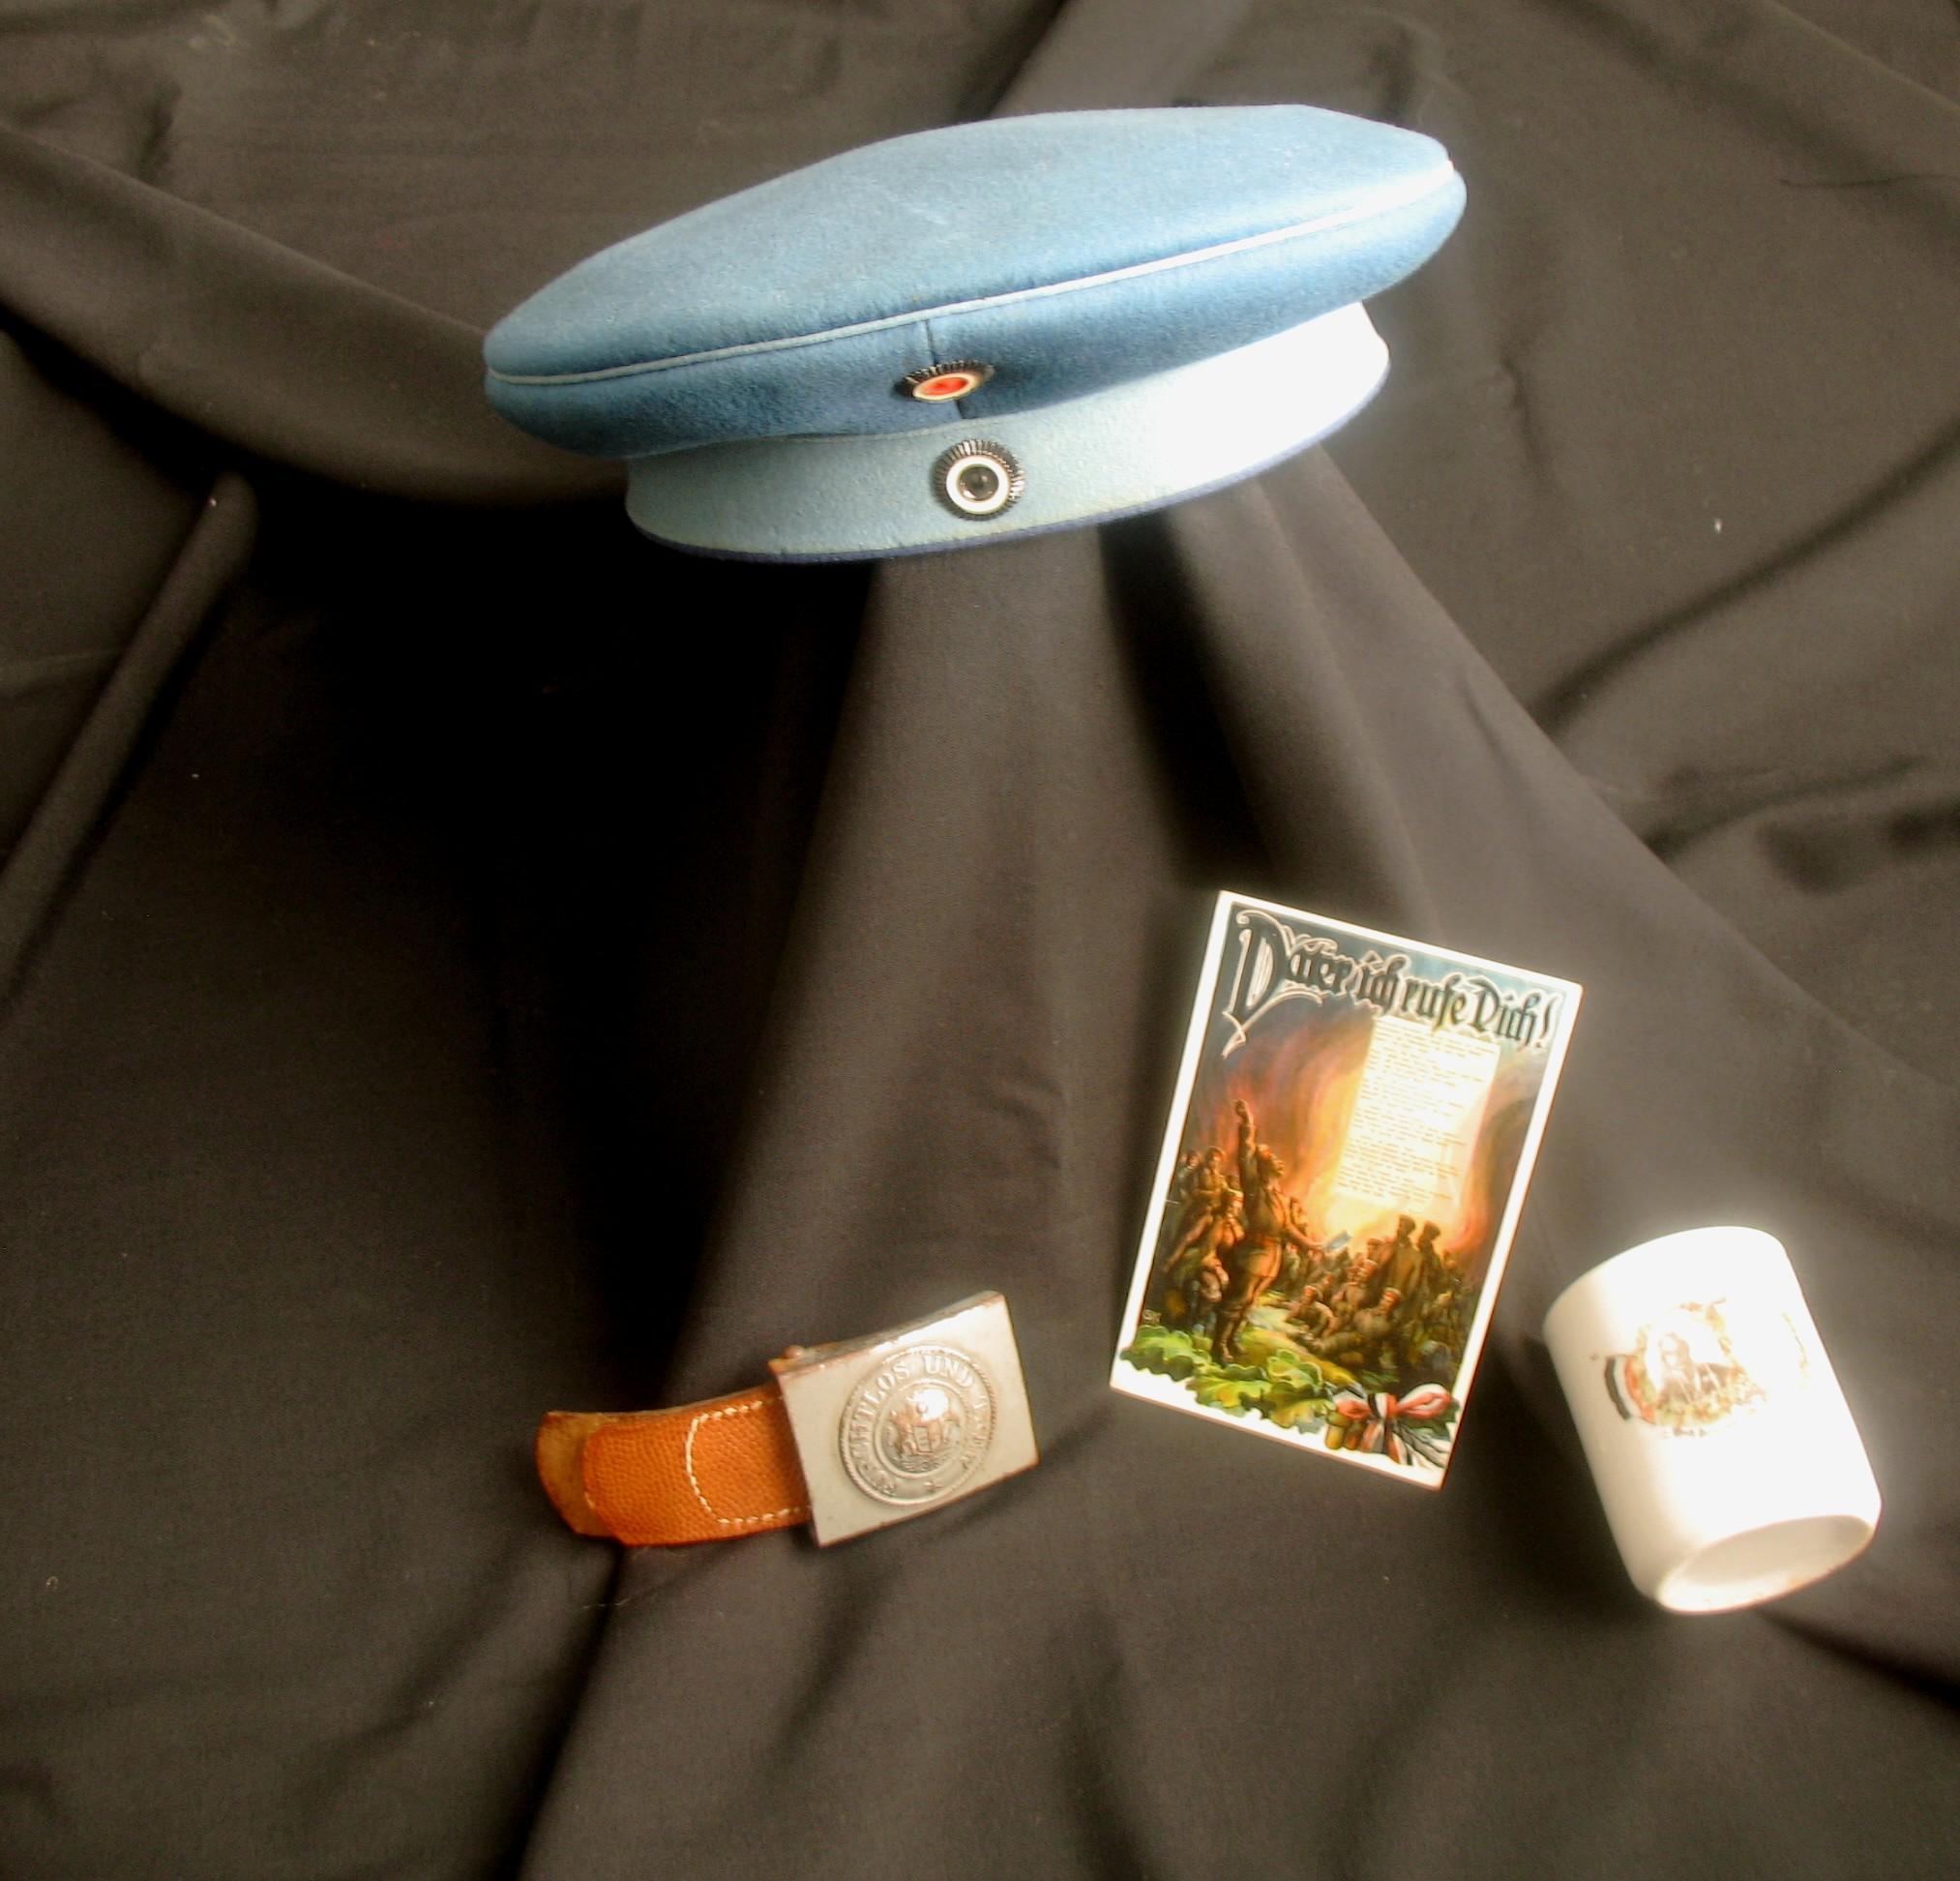 Mütze, boucle de ceinturon, tasse de propagande et carte postale.